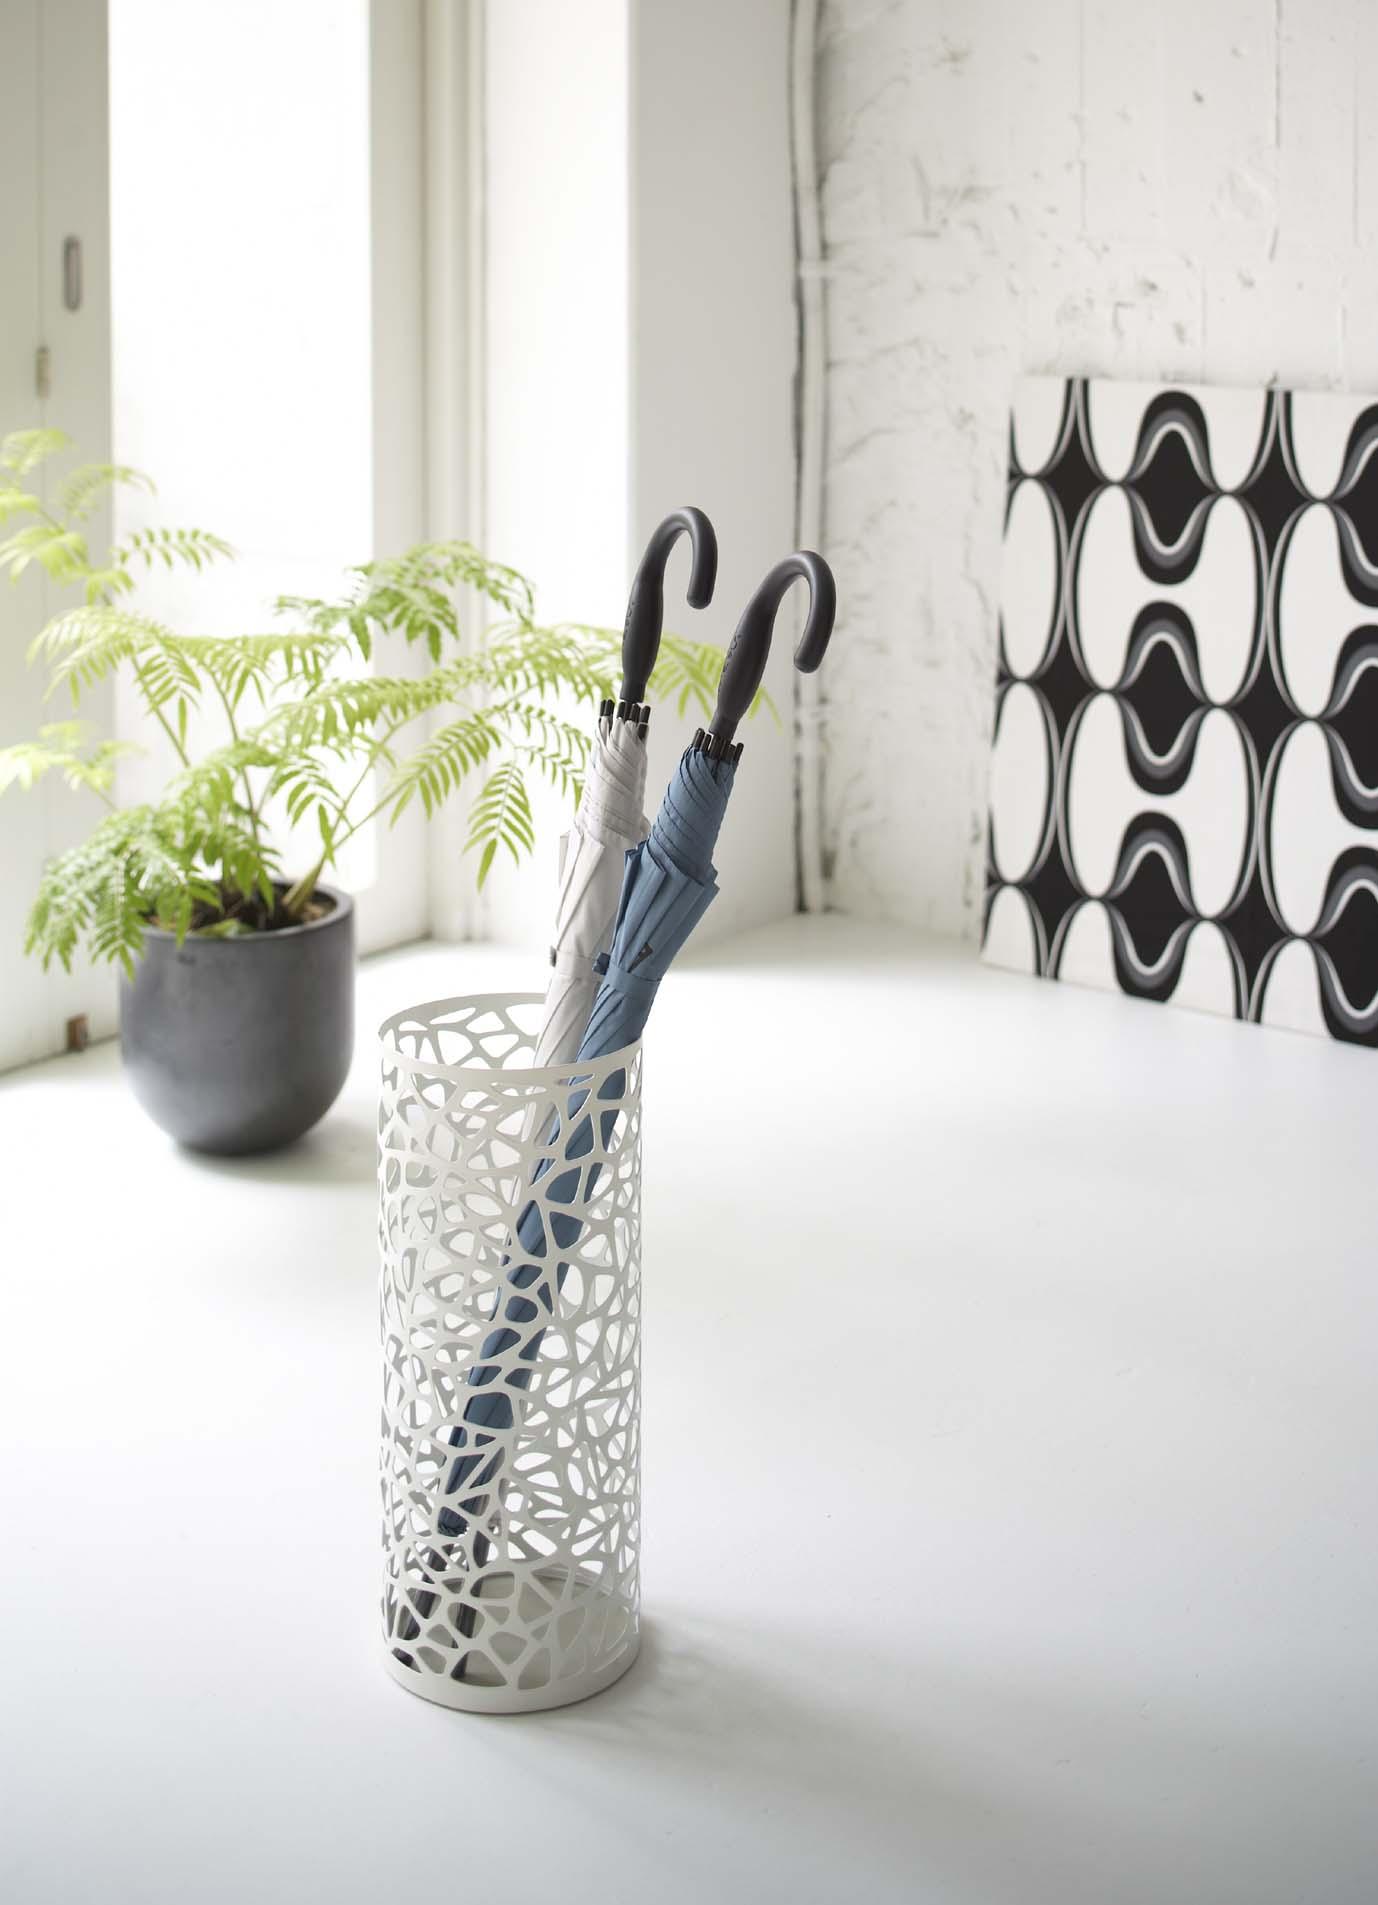 傘立てもインテリアアイテムのひとつ!お気に入りのデザインを選ぼうのサムネイル画像